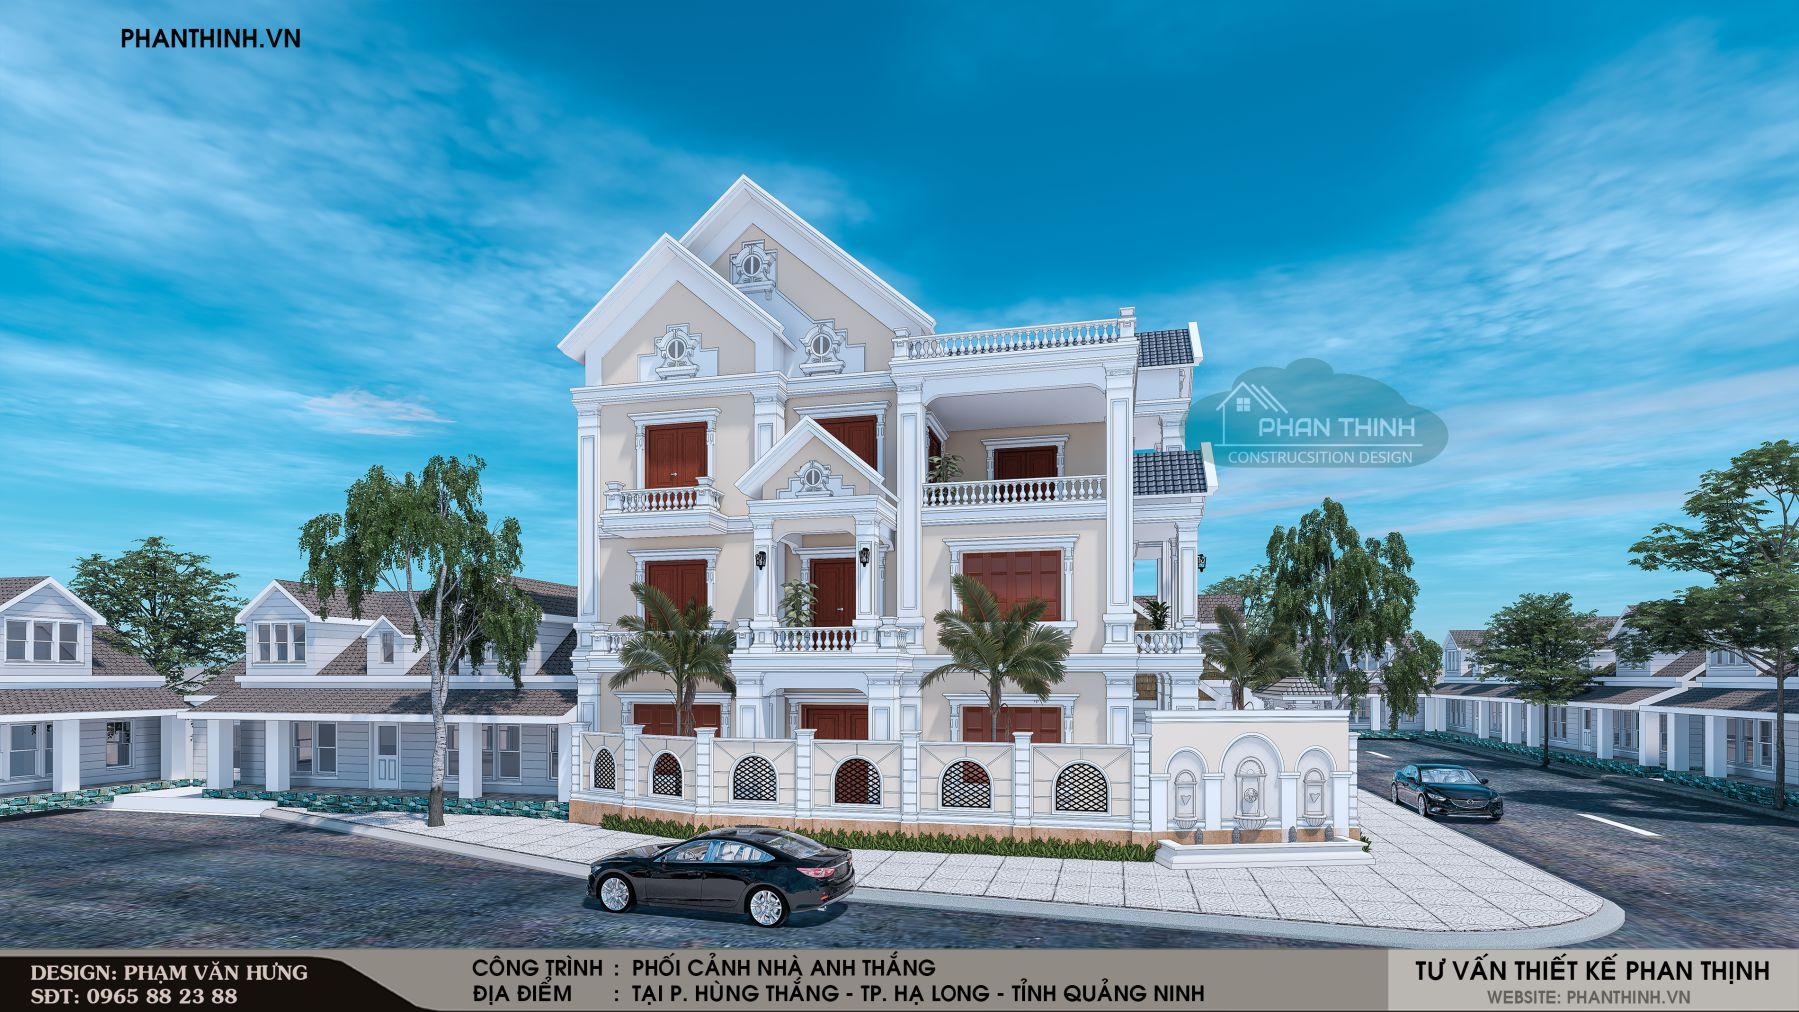 Mẫu nhà biệt thự 3 tầng tân cổ điển tại Quảng Ninh